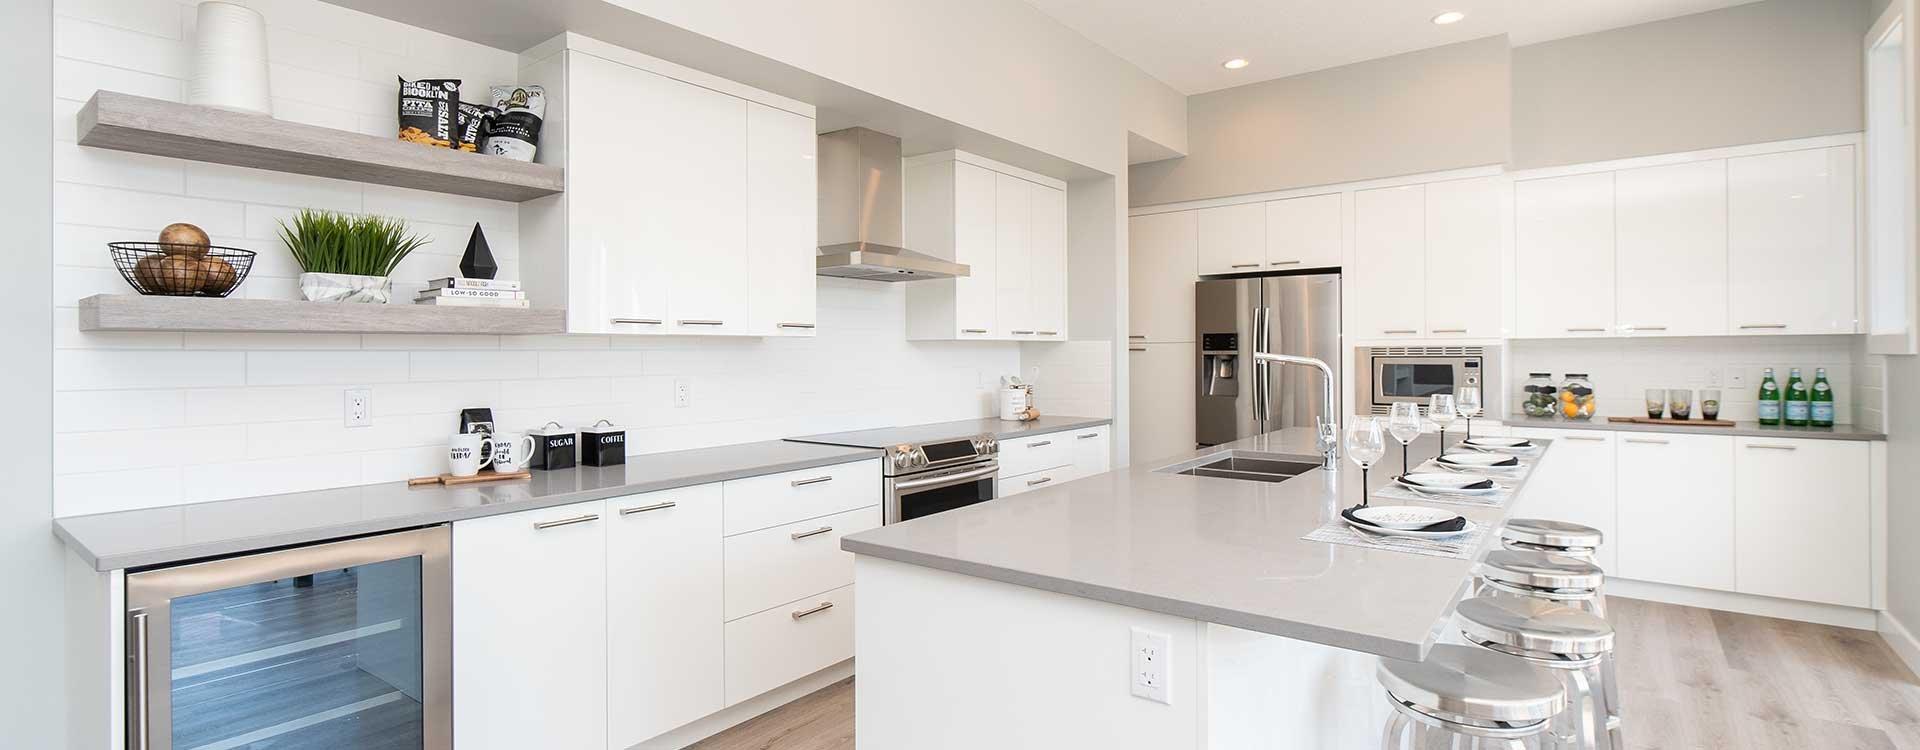 edmonton-home-builder-Kanvi-homes-kitchen